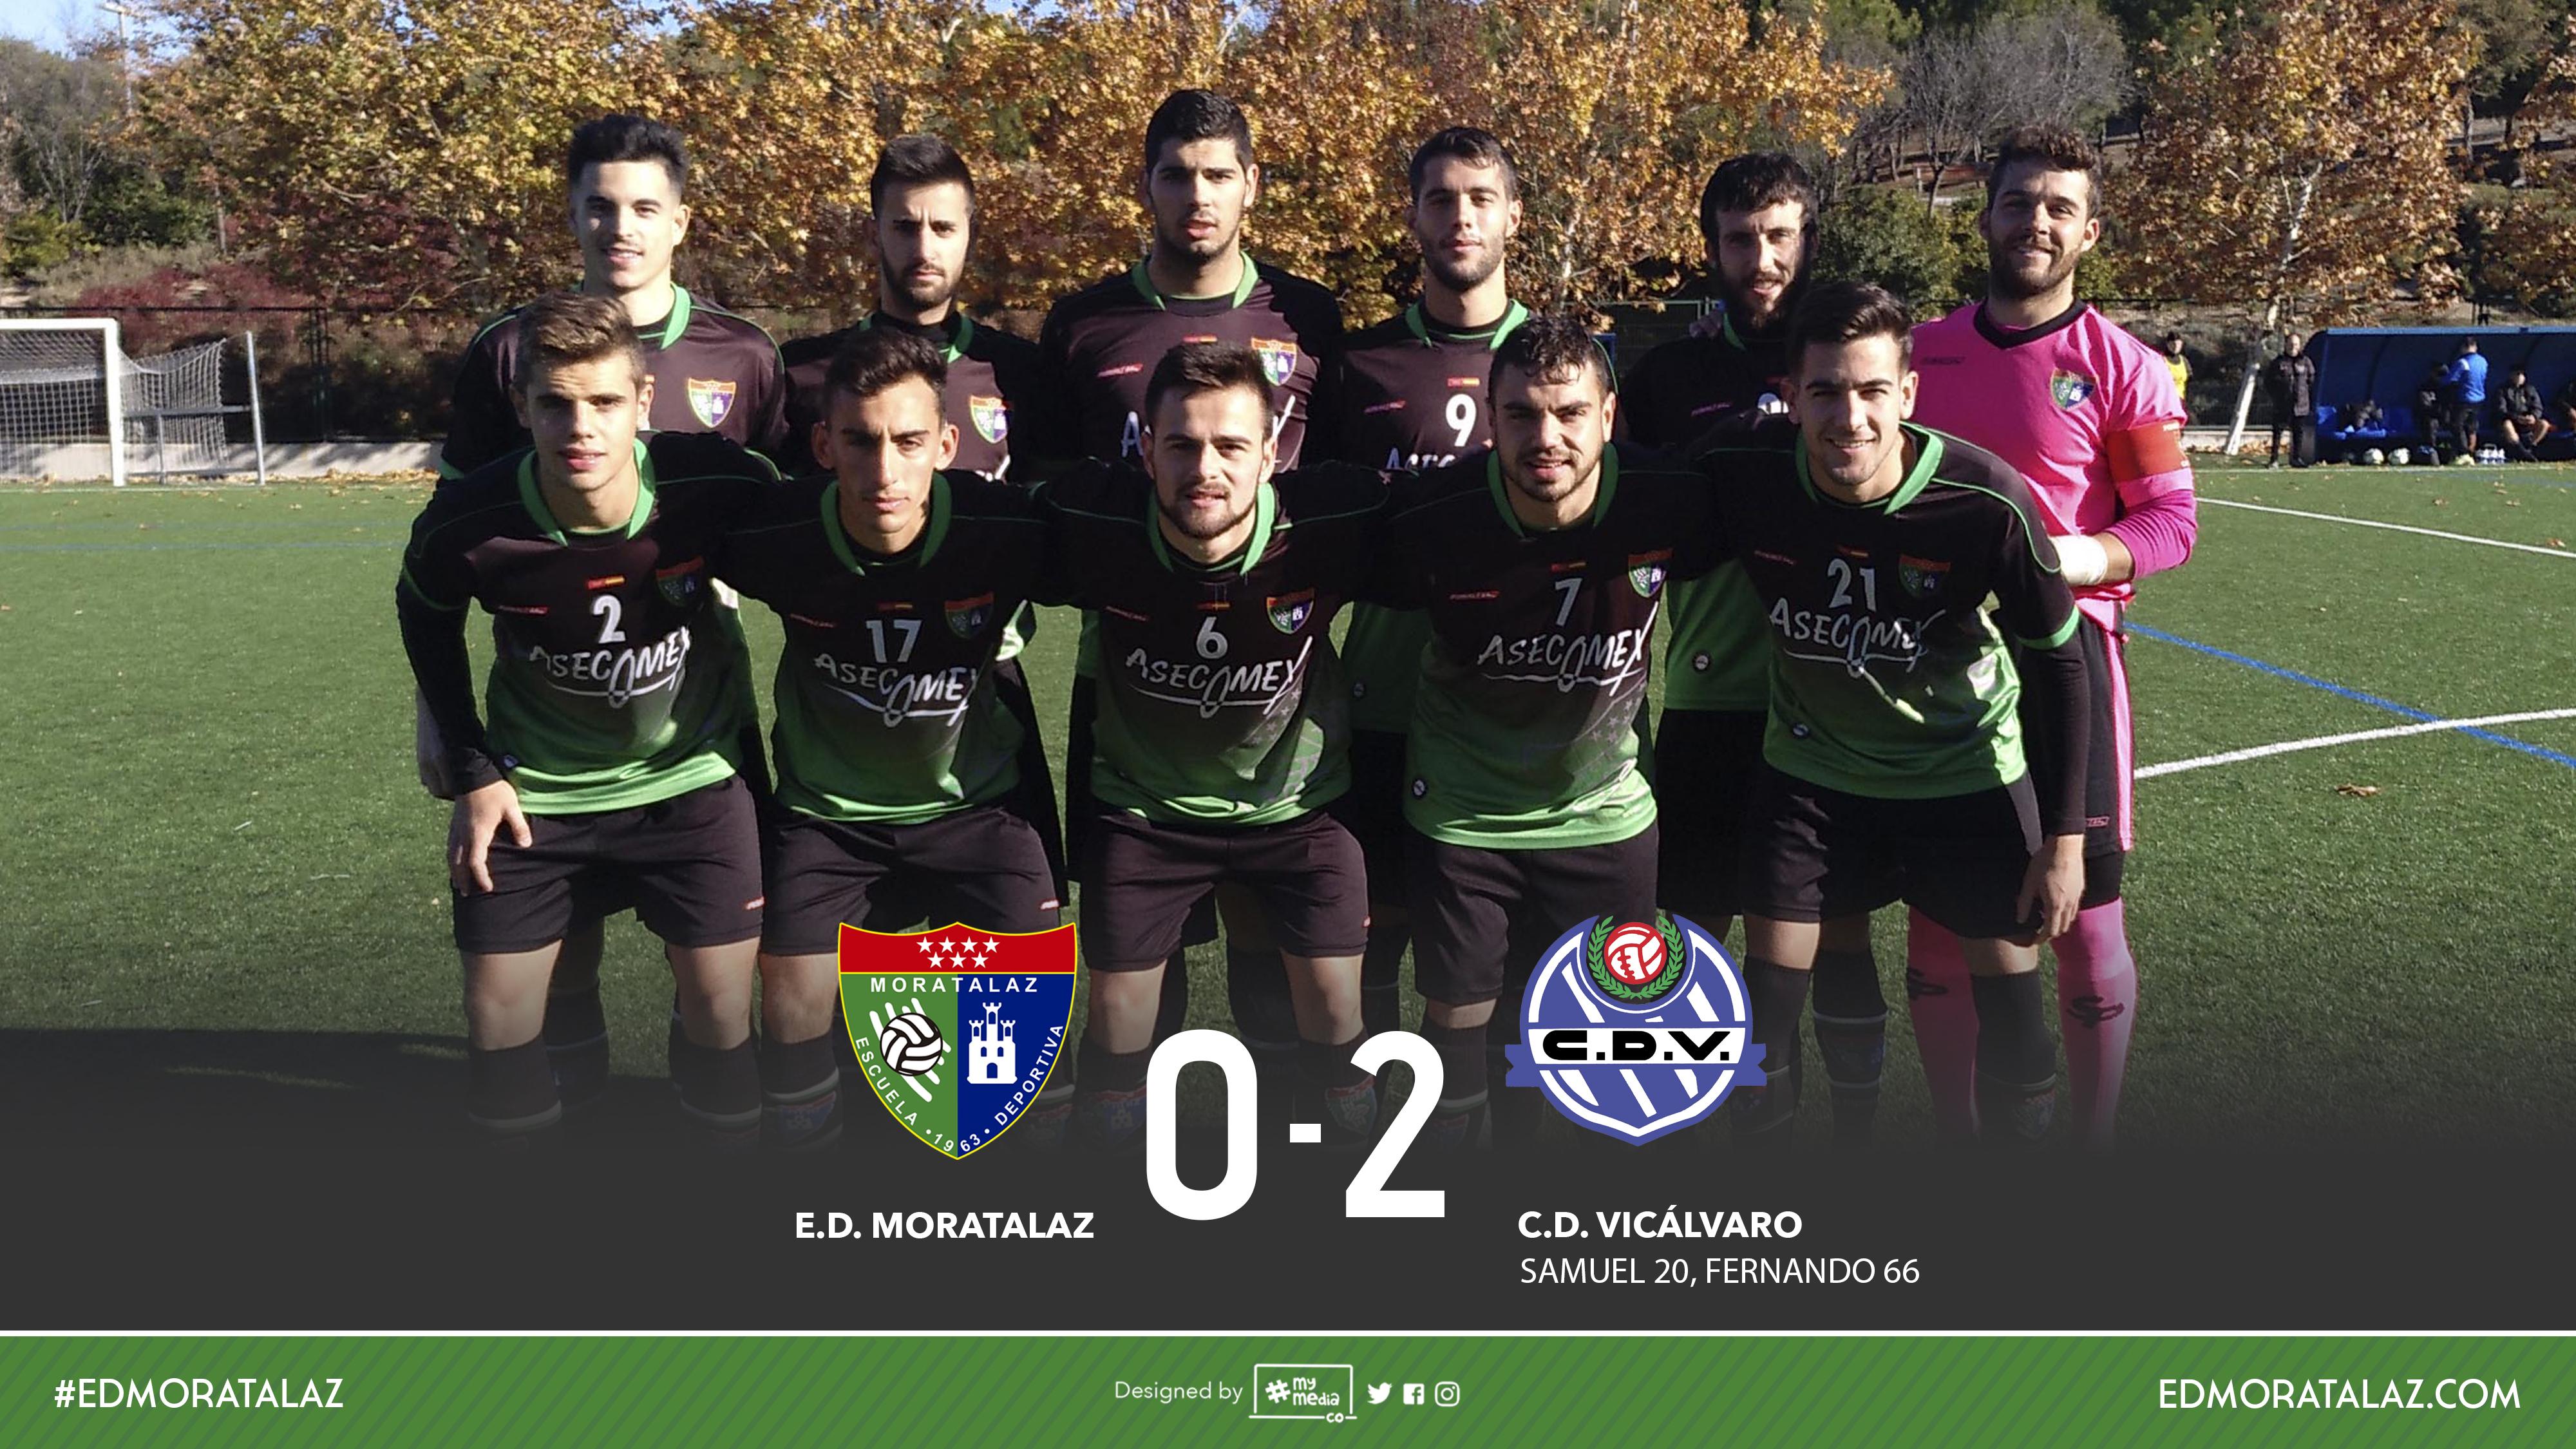 Fotos y vídeo resumen del partido Primer Equipo 0-2 CD Vicálvaro